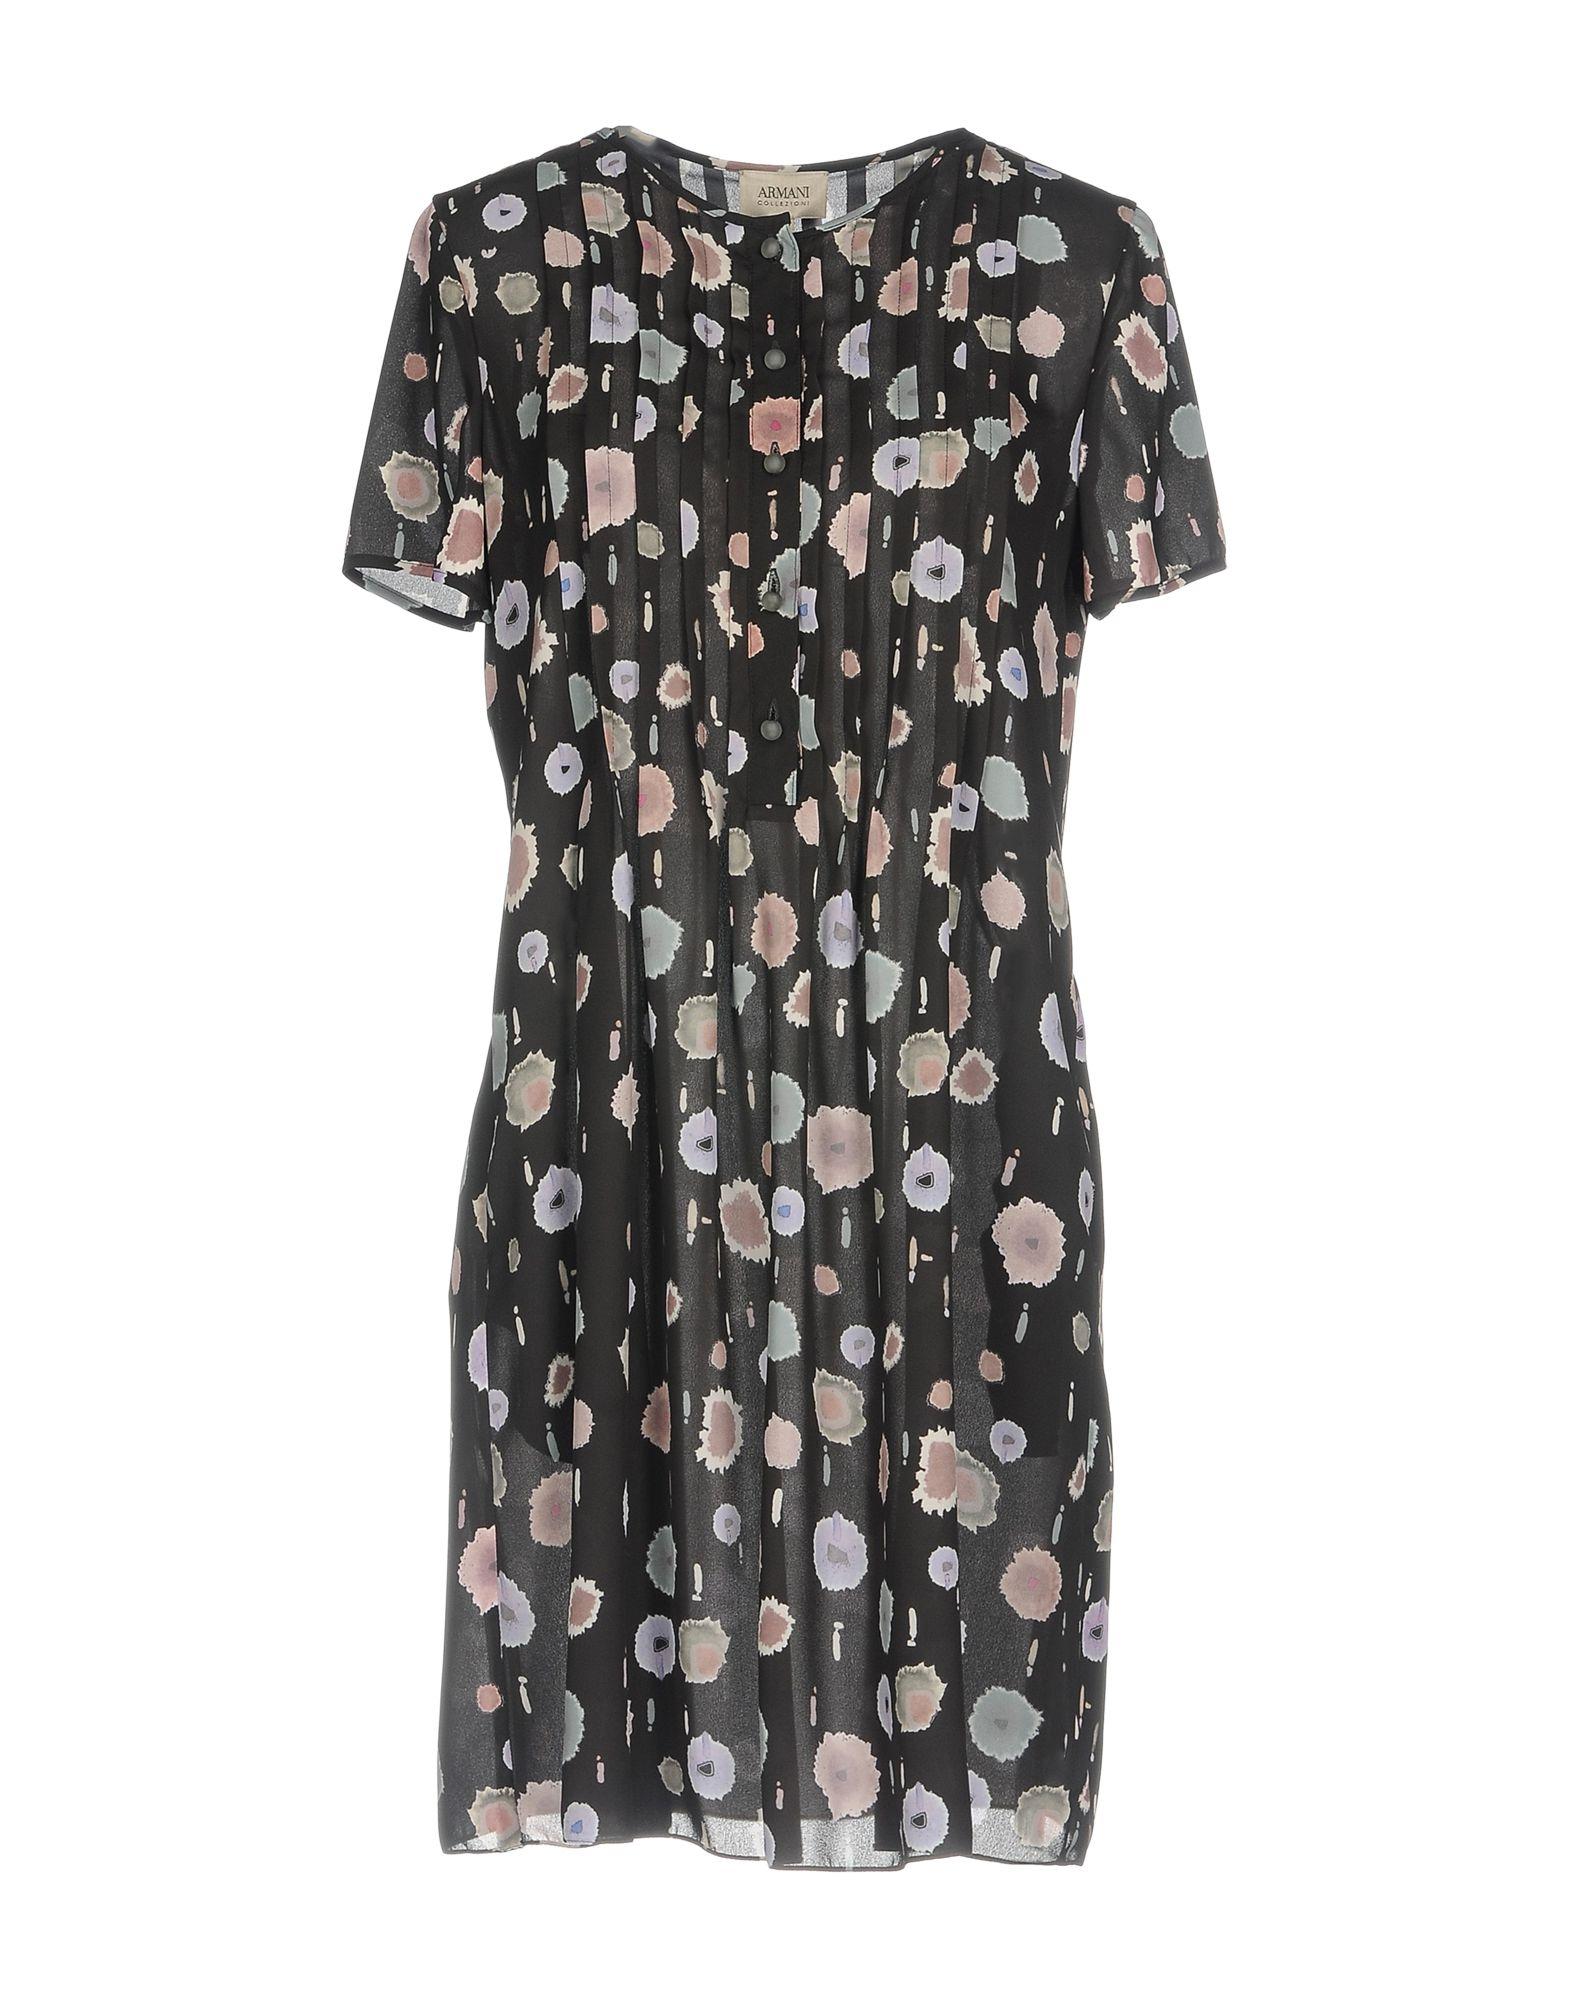 Vestito Corto Armani Collezioni Donna - Acquista online su gFMJPT2yA